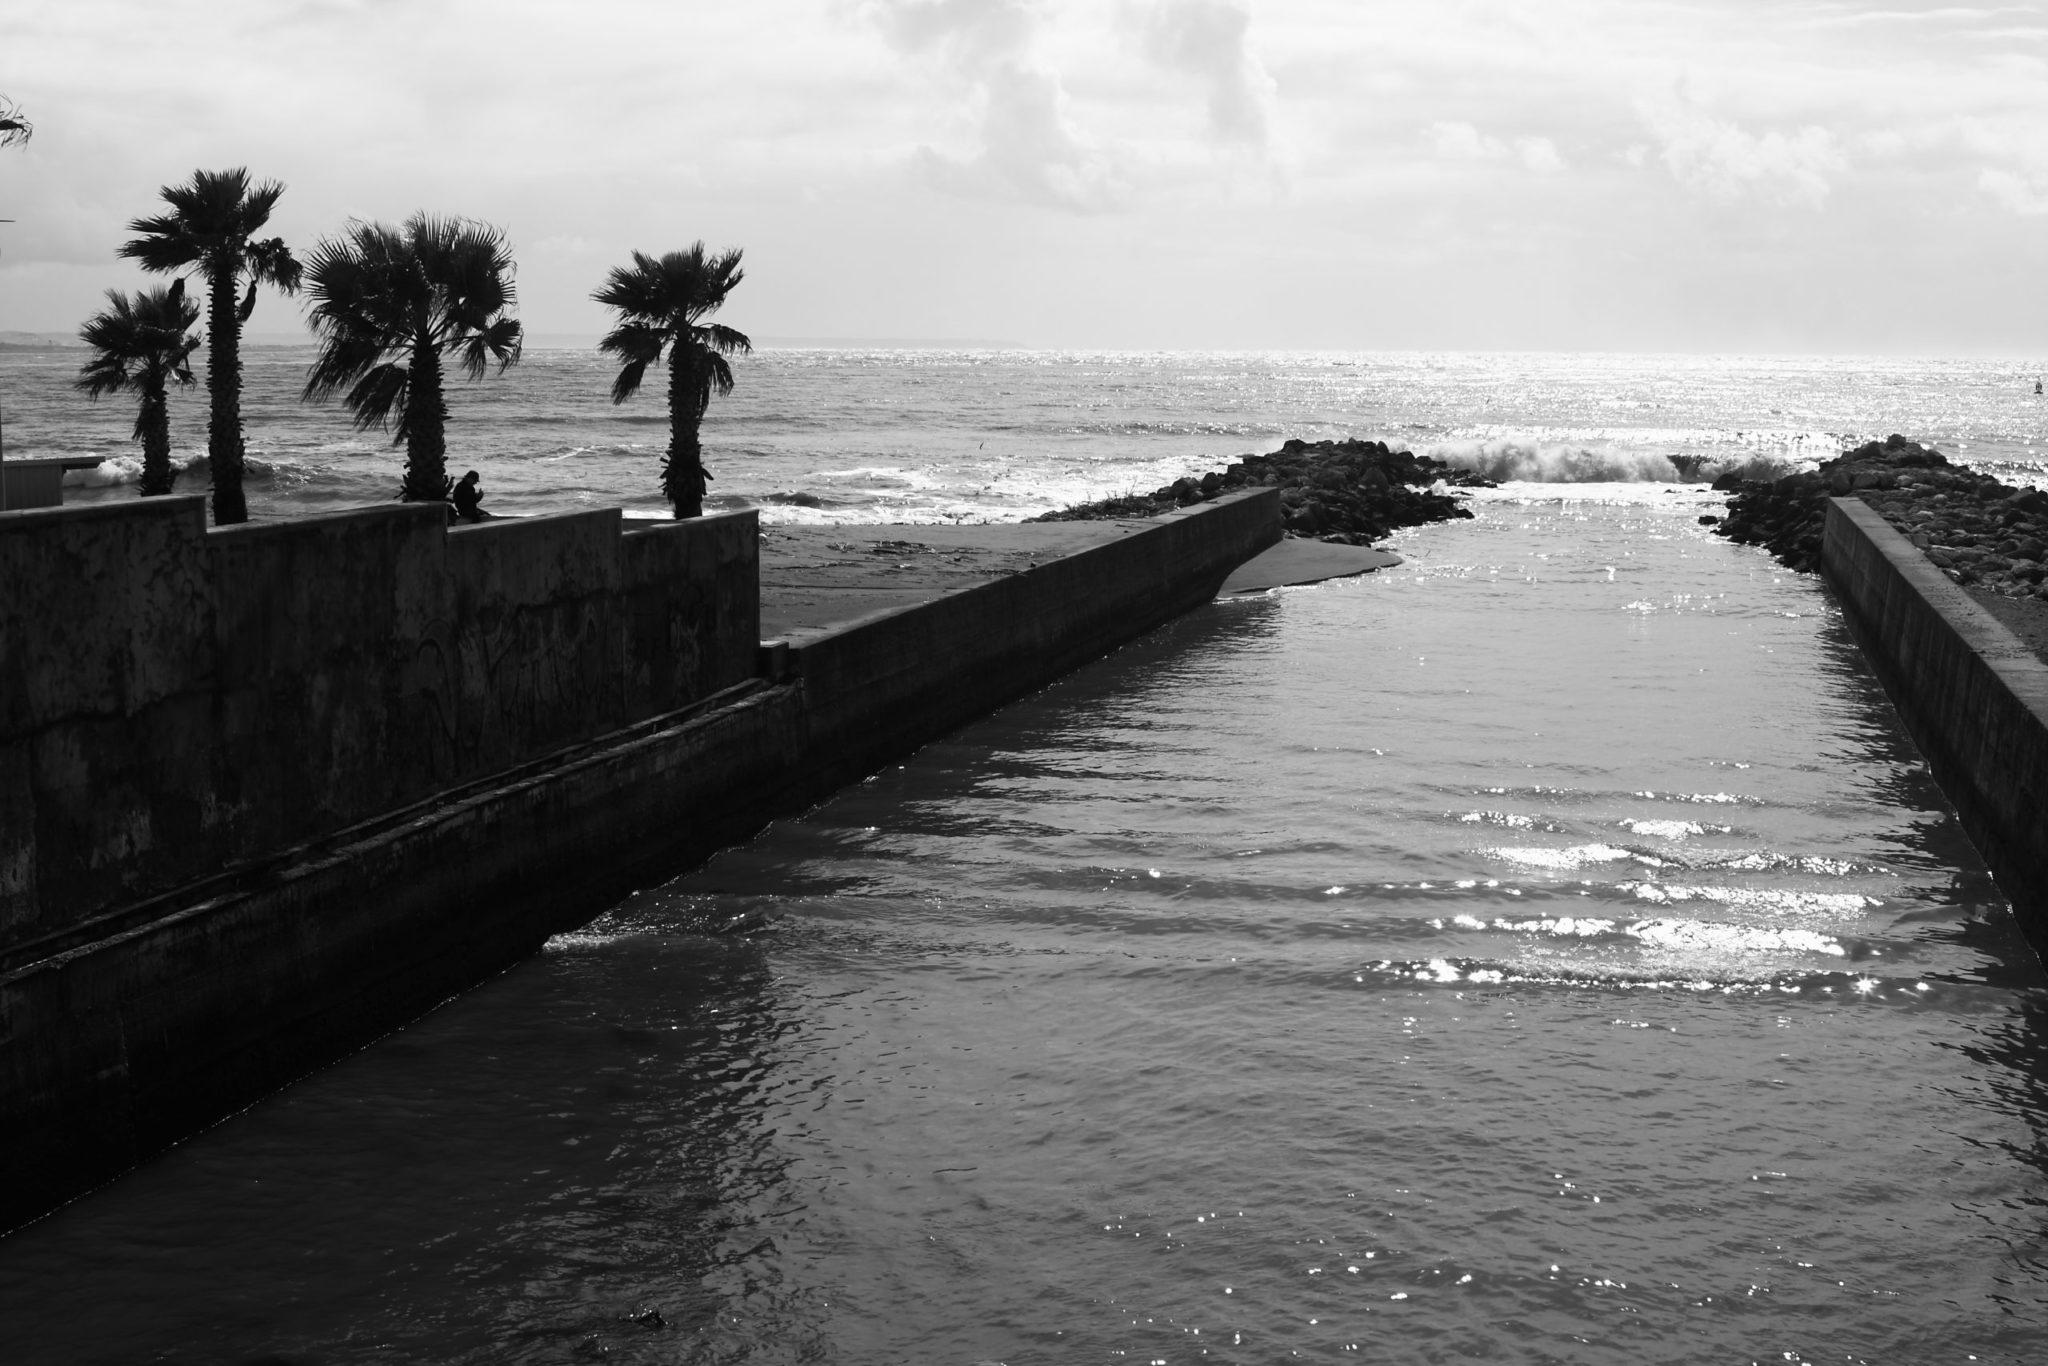 Evoluir Oeiras Caxias Mar